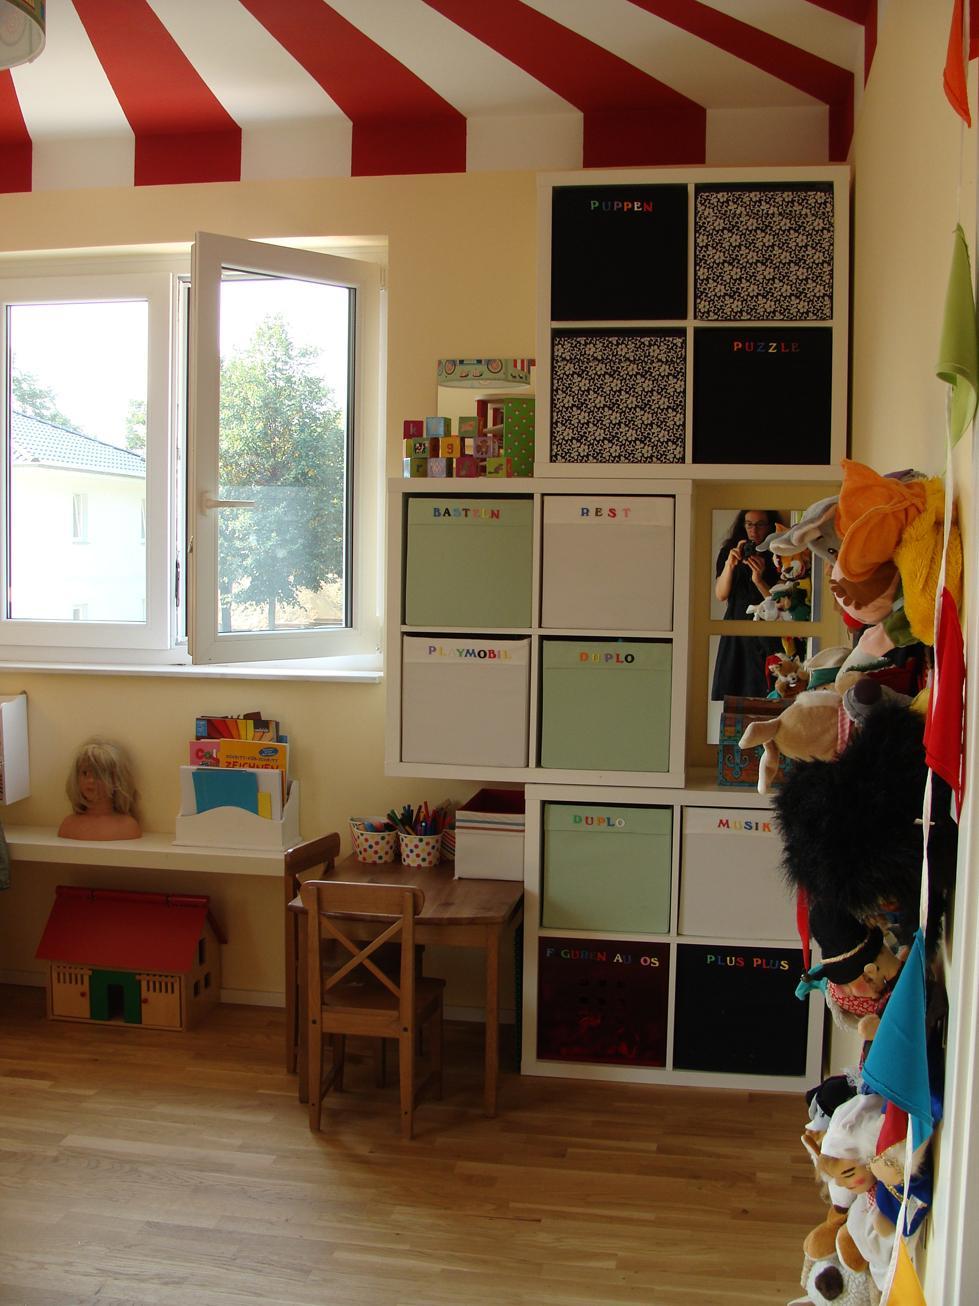 Kinderzimmer Regal • Bilder & Ideen • COUCHstyle